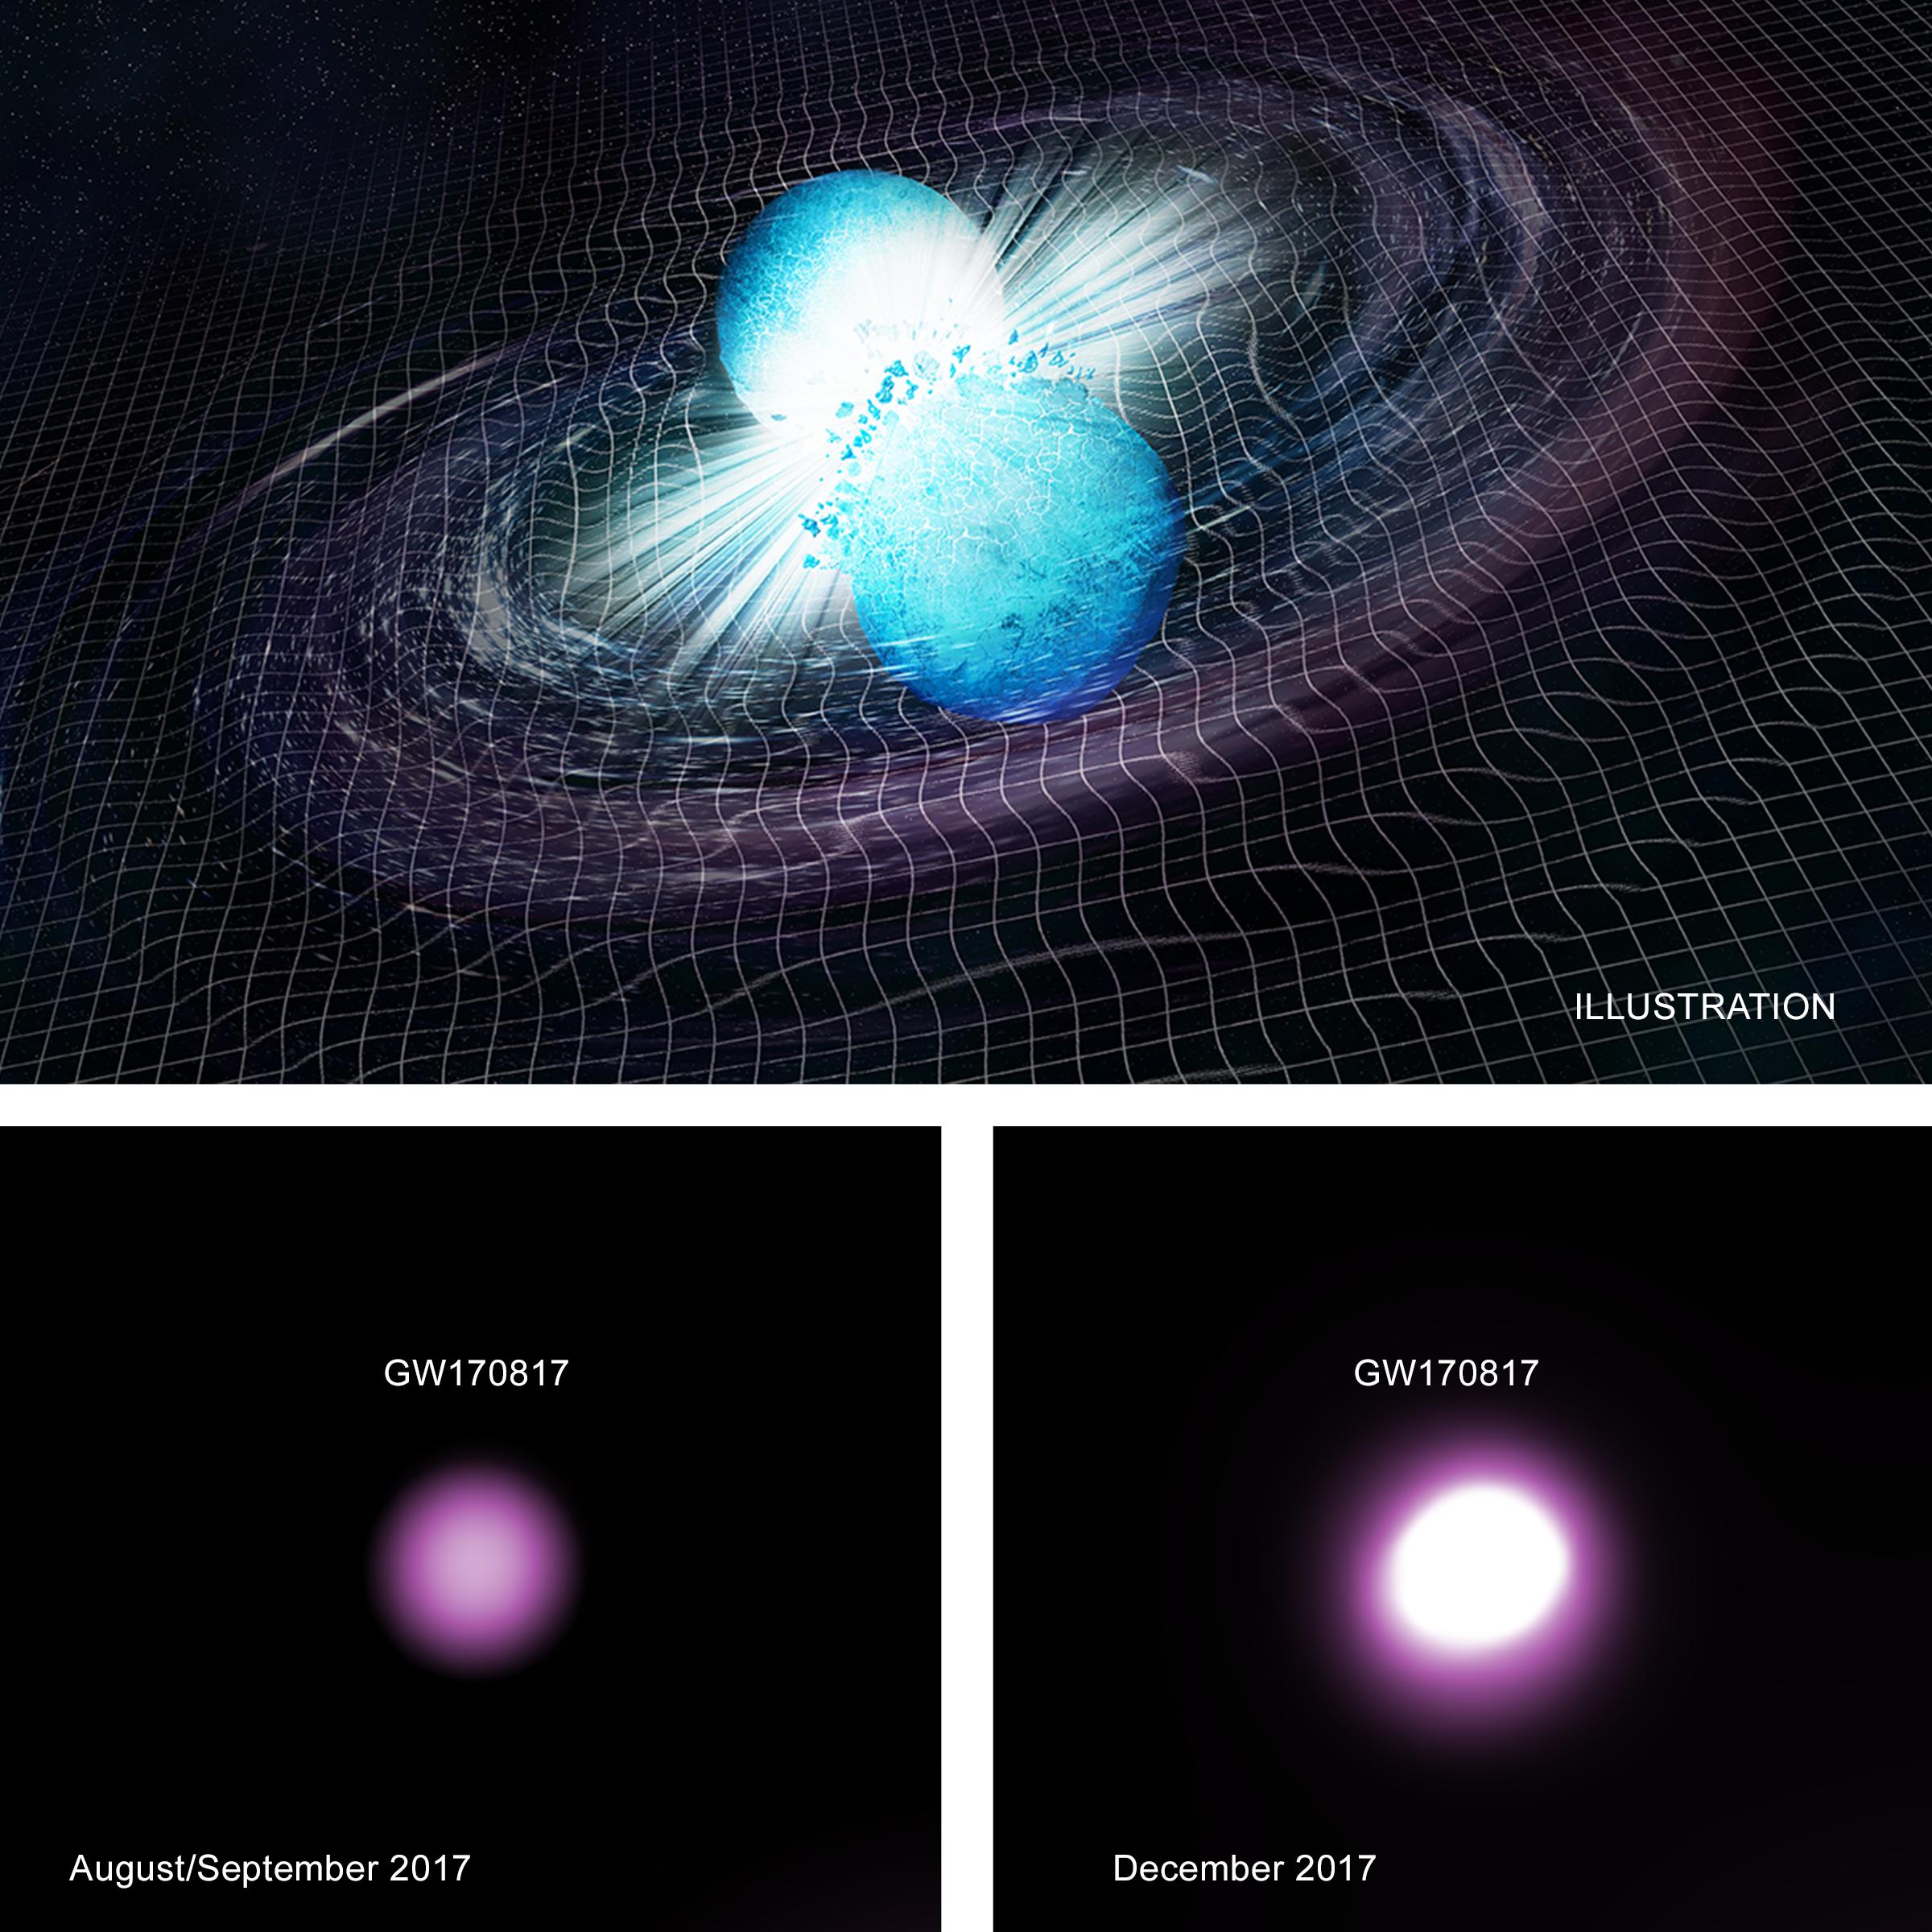 การรวมตัวกันของดาวนิวตรอนคู่ที่ชื่อ GW170817  ได้ปลดปล่อยคลื่นความโน้มถ่วงมหาศาลออกมาด้วยความเร็วแสง